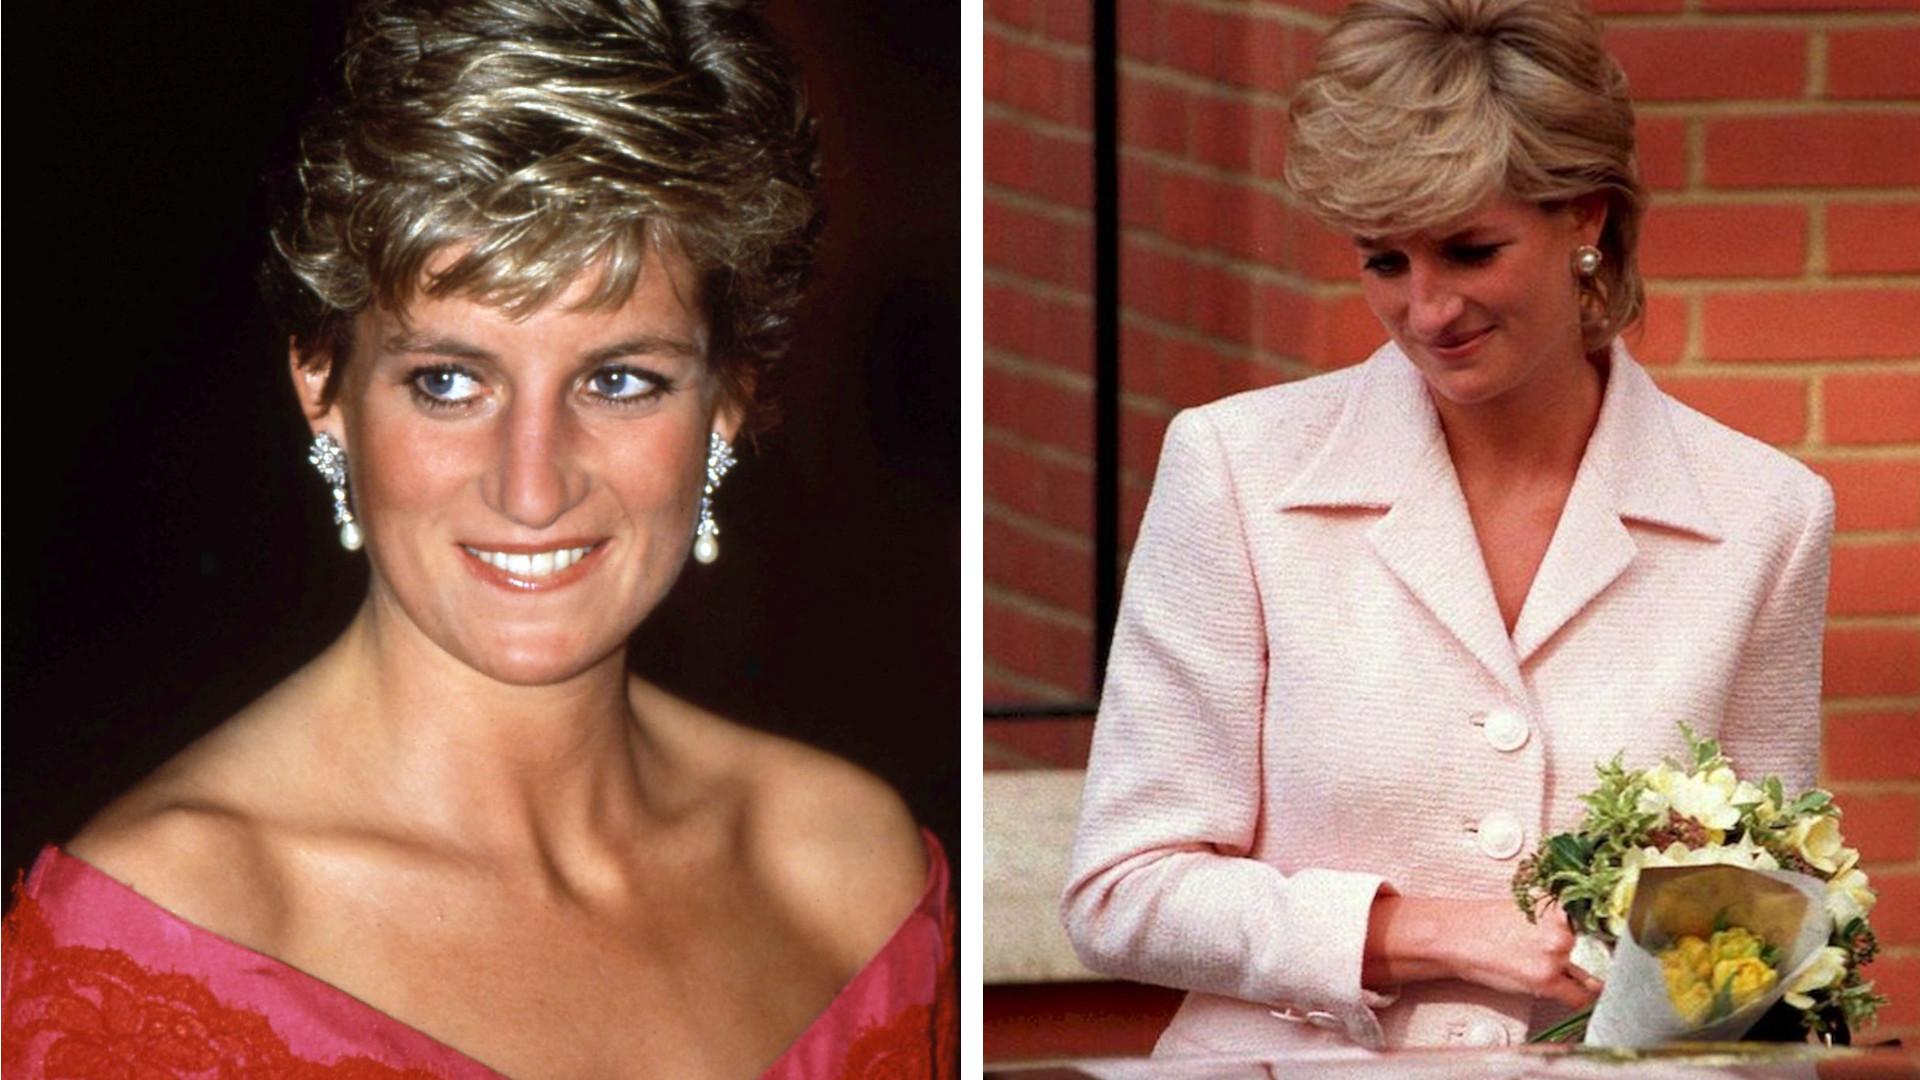 Księżna Diana została KOSZMARNIE oszukana. Chodzi o słynny wywiad